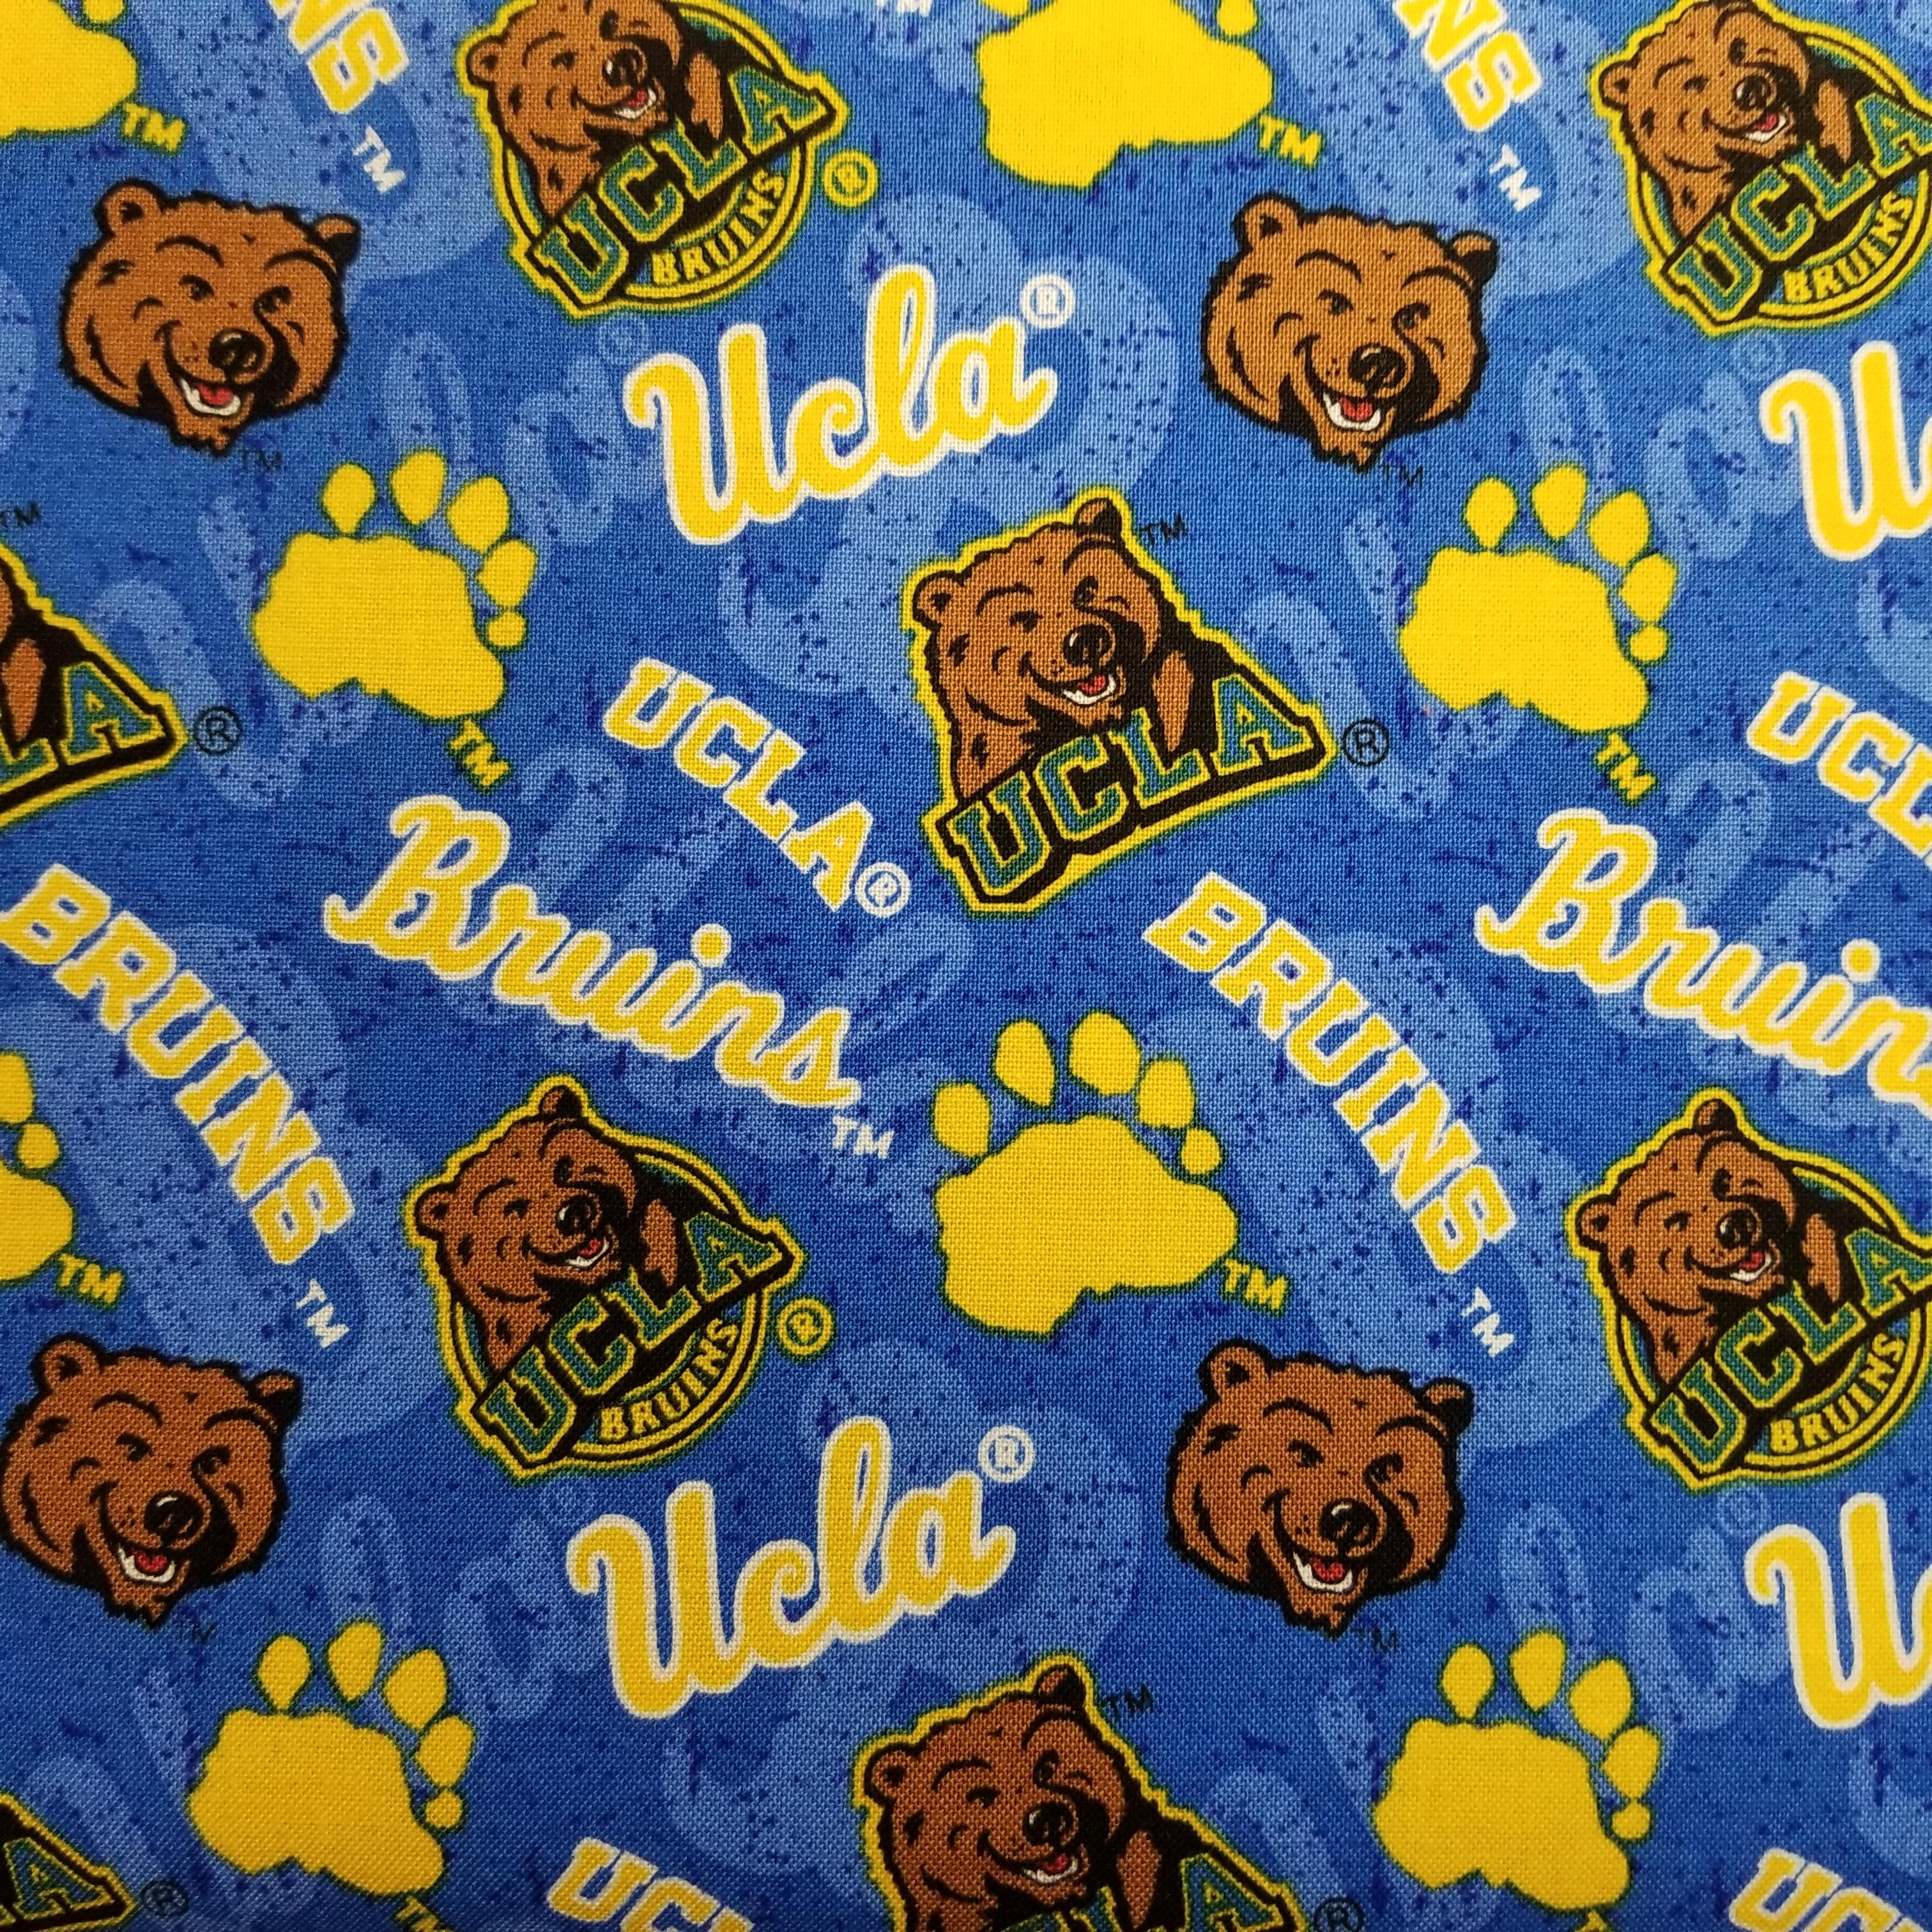 Team UCLA